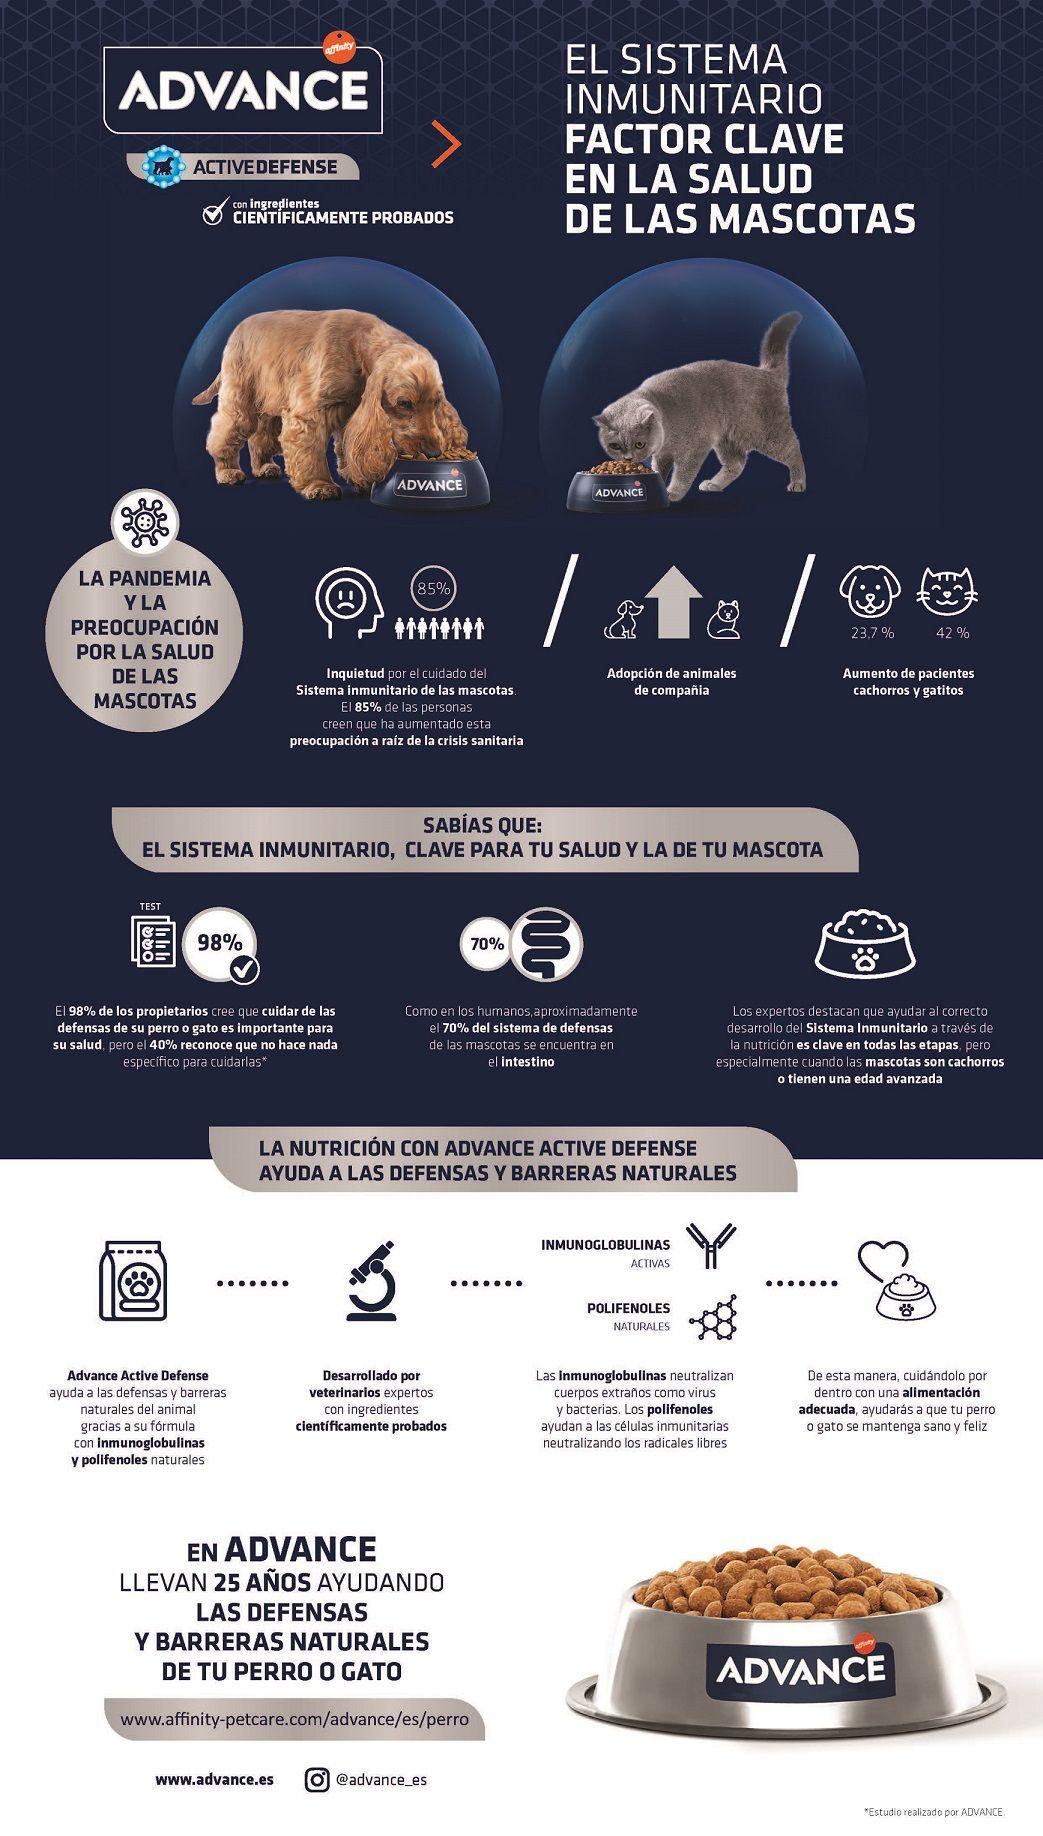 Foto de Infografía sobre el sistema inmunitario de las mascotas